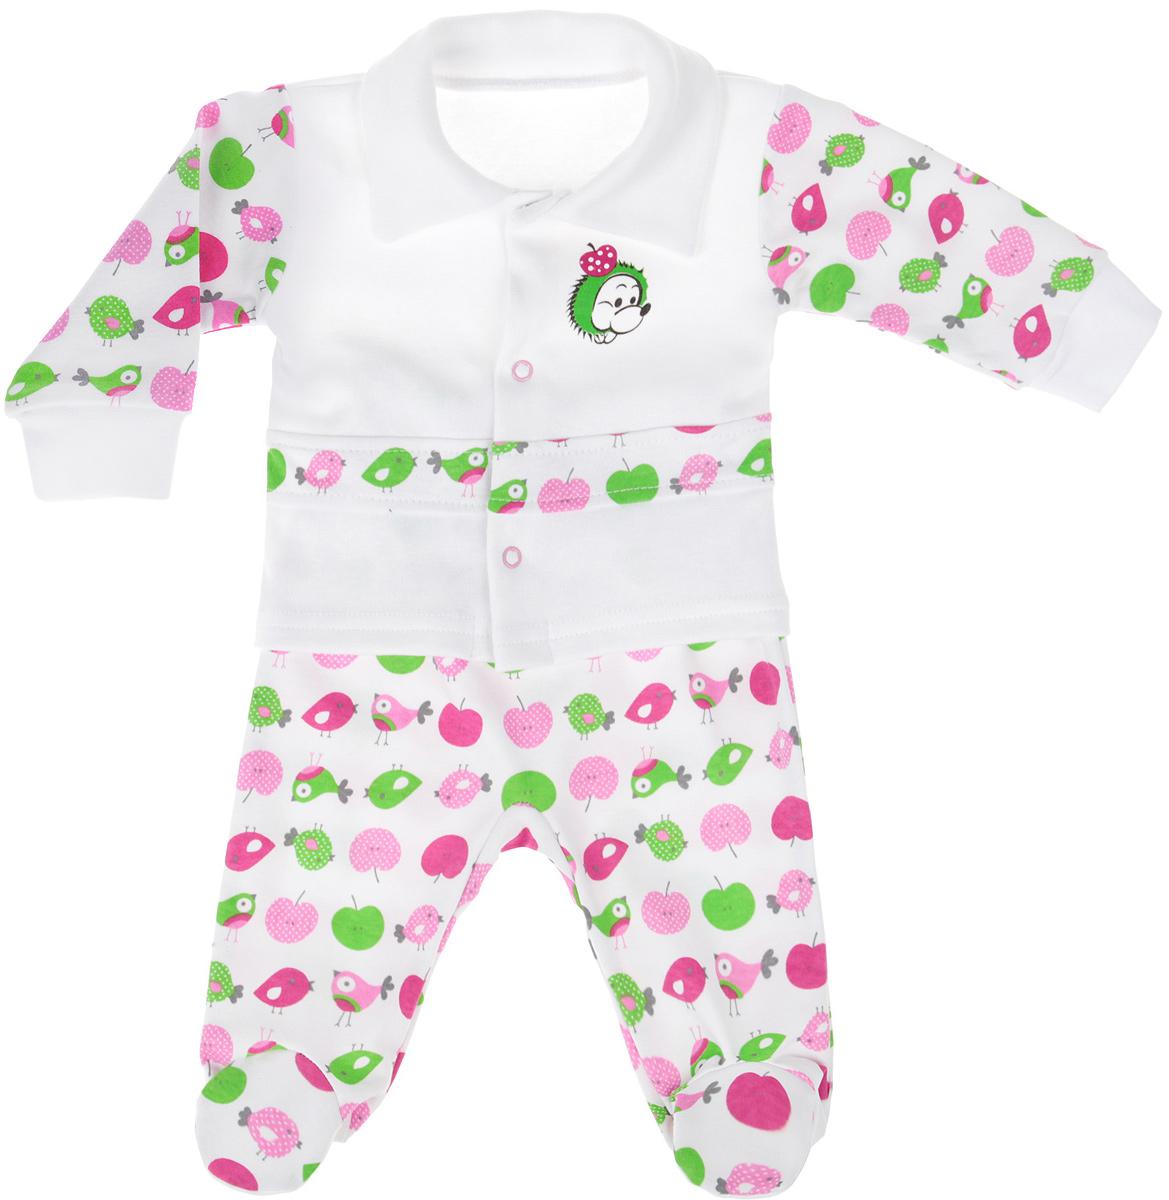 Комплект для девочки Клякса: кофточка, ползунки, цвет: белый. 37К-5062. Размер 80 комплекты детской одежды клякса комплект для девочки из кофточки и ползунков